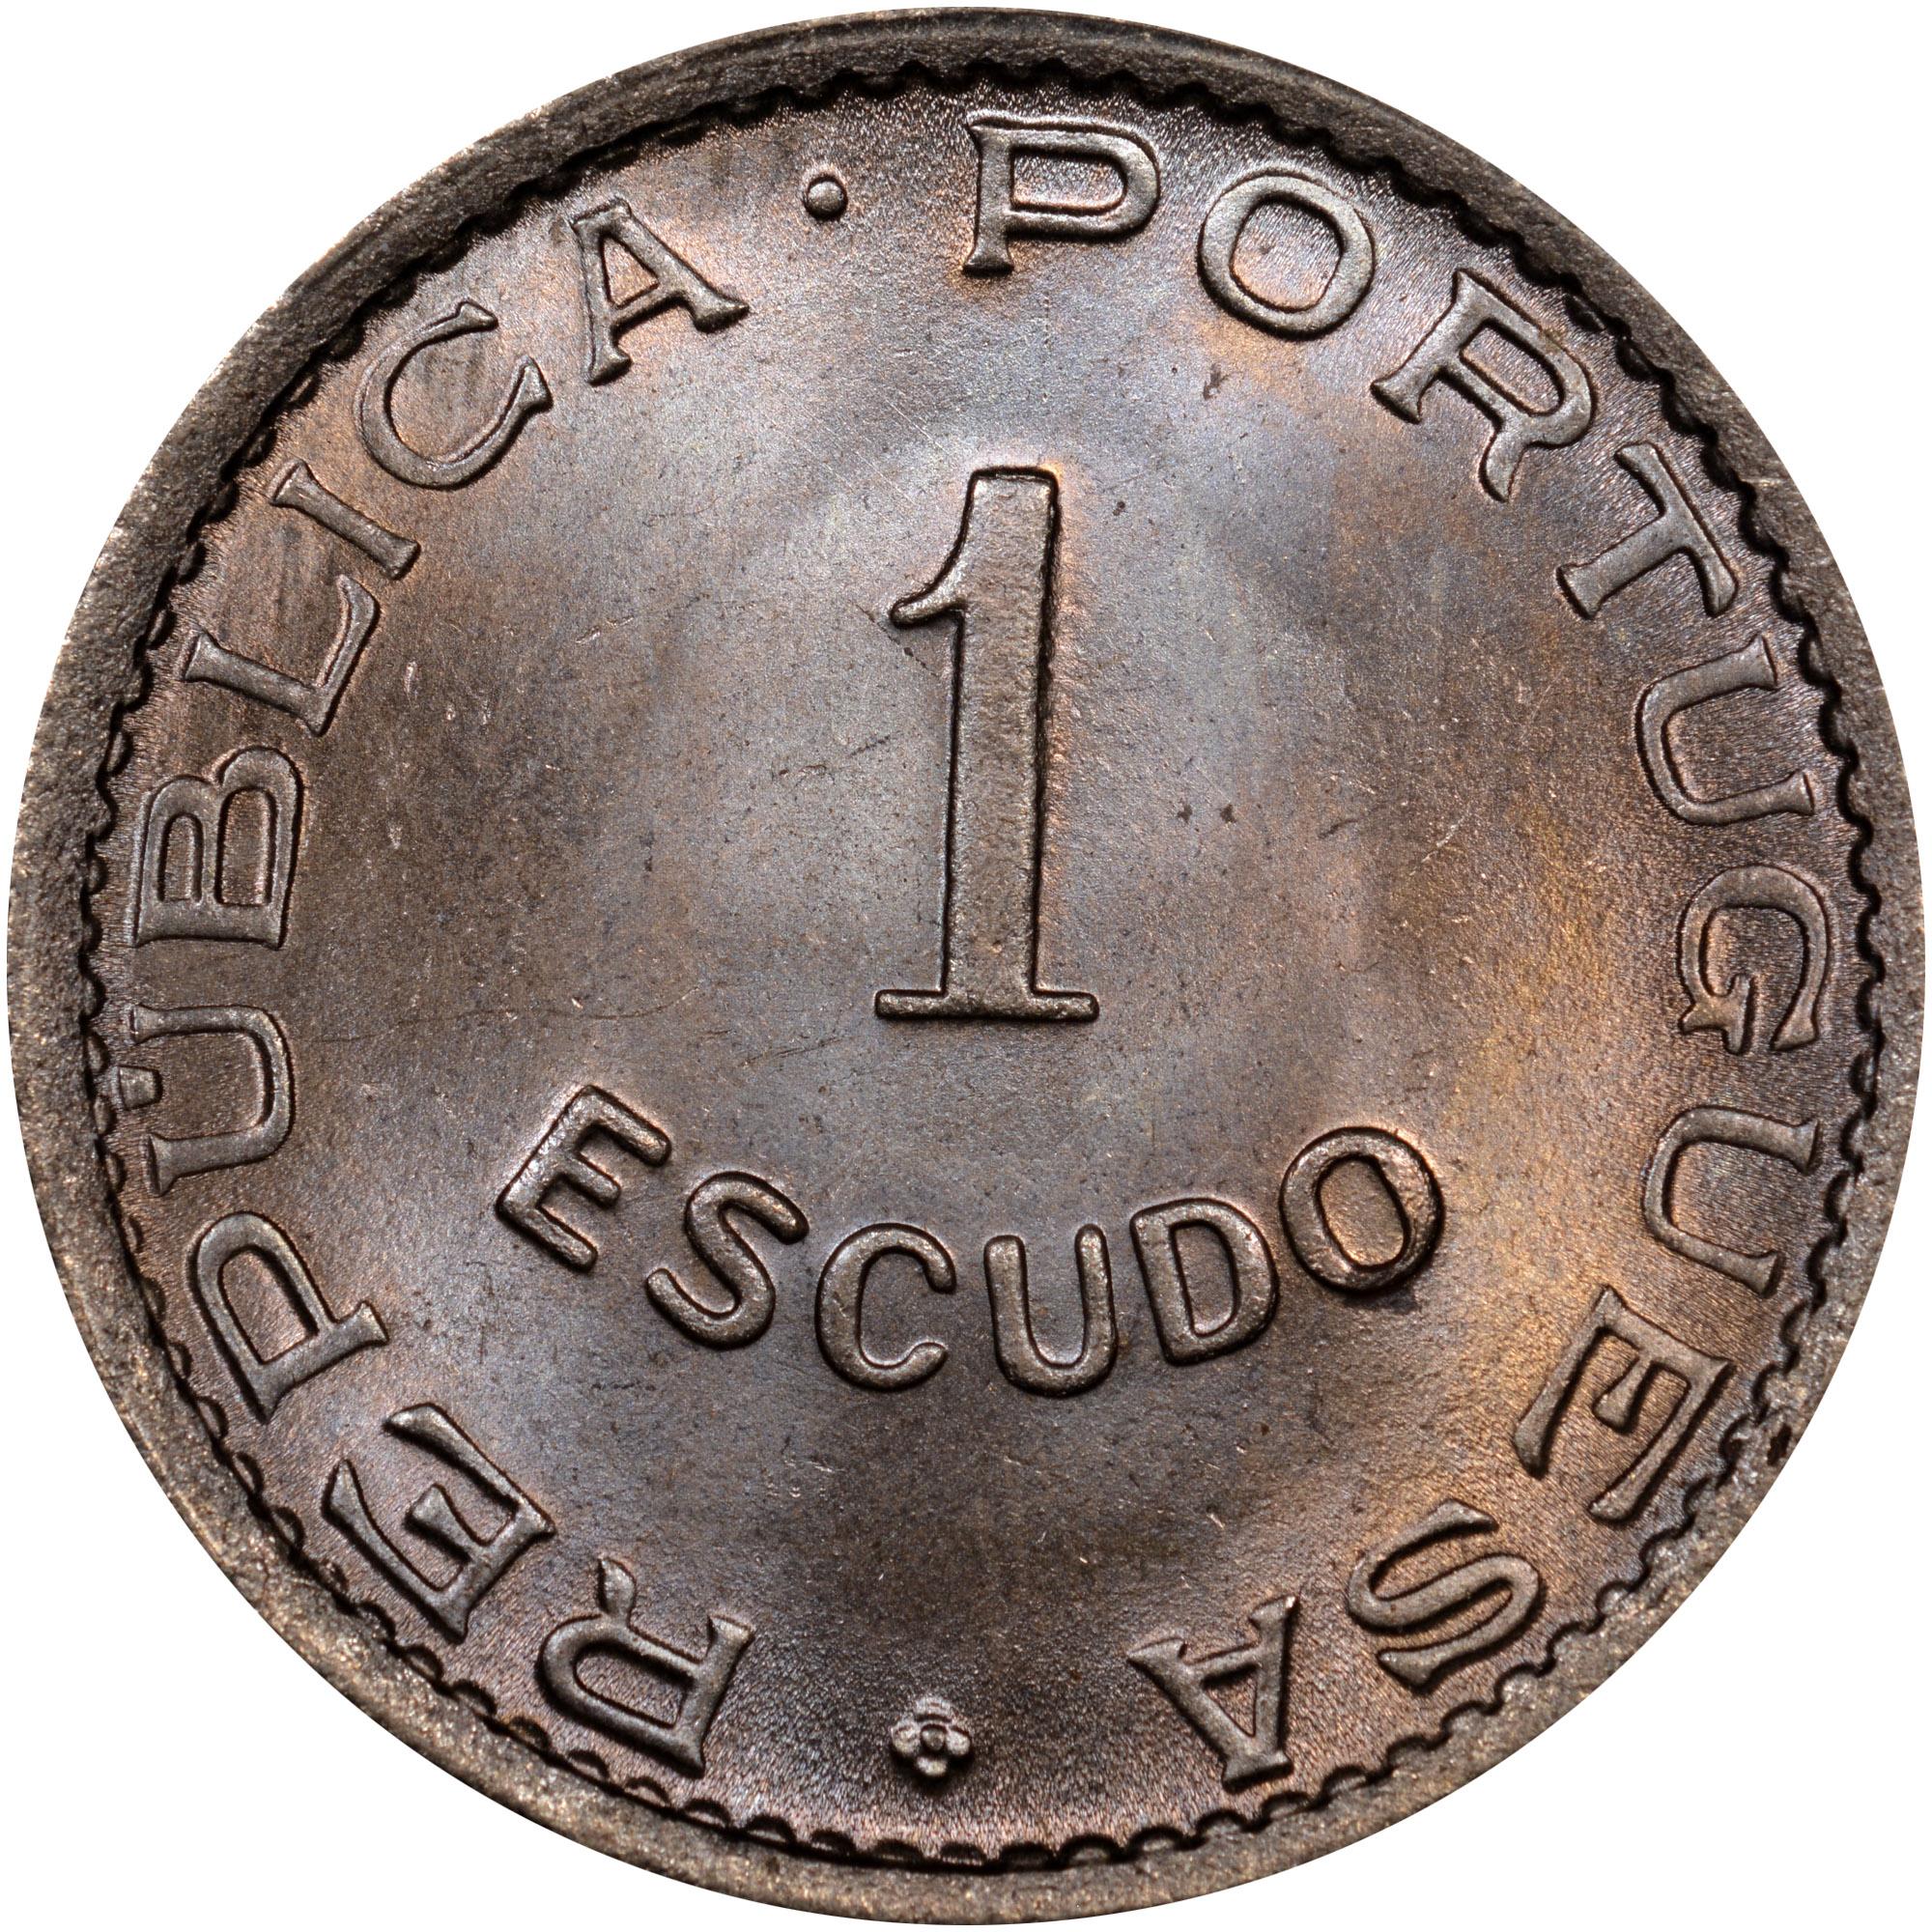 1949 Cape Verde Escudo obverse